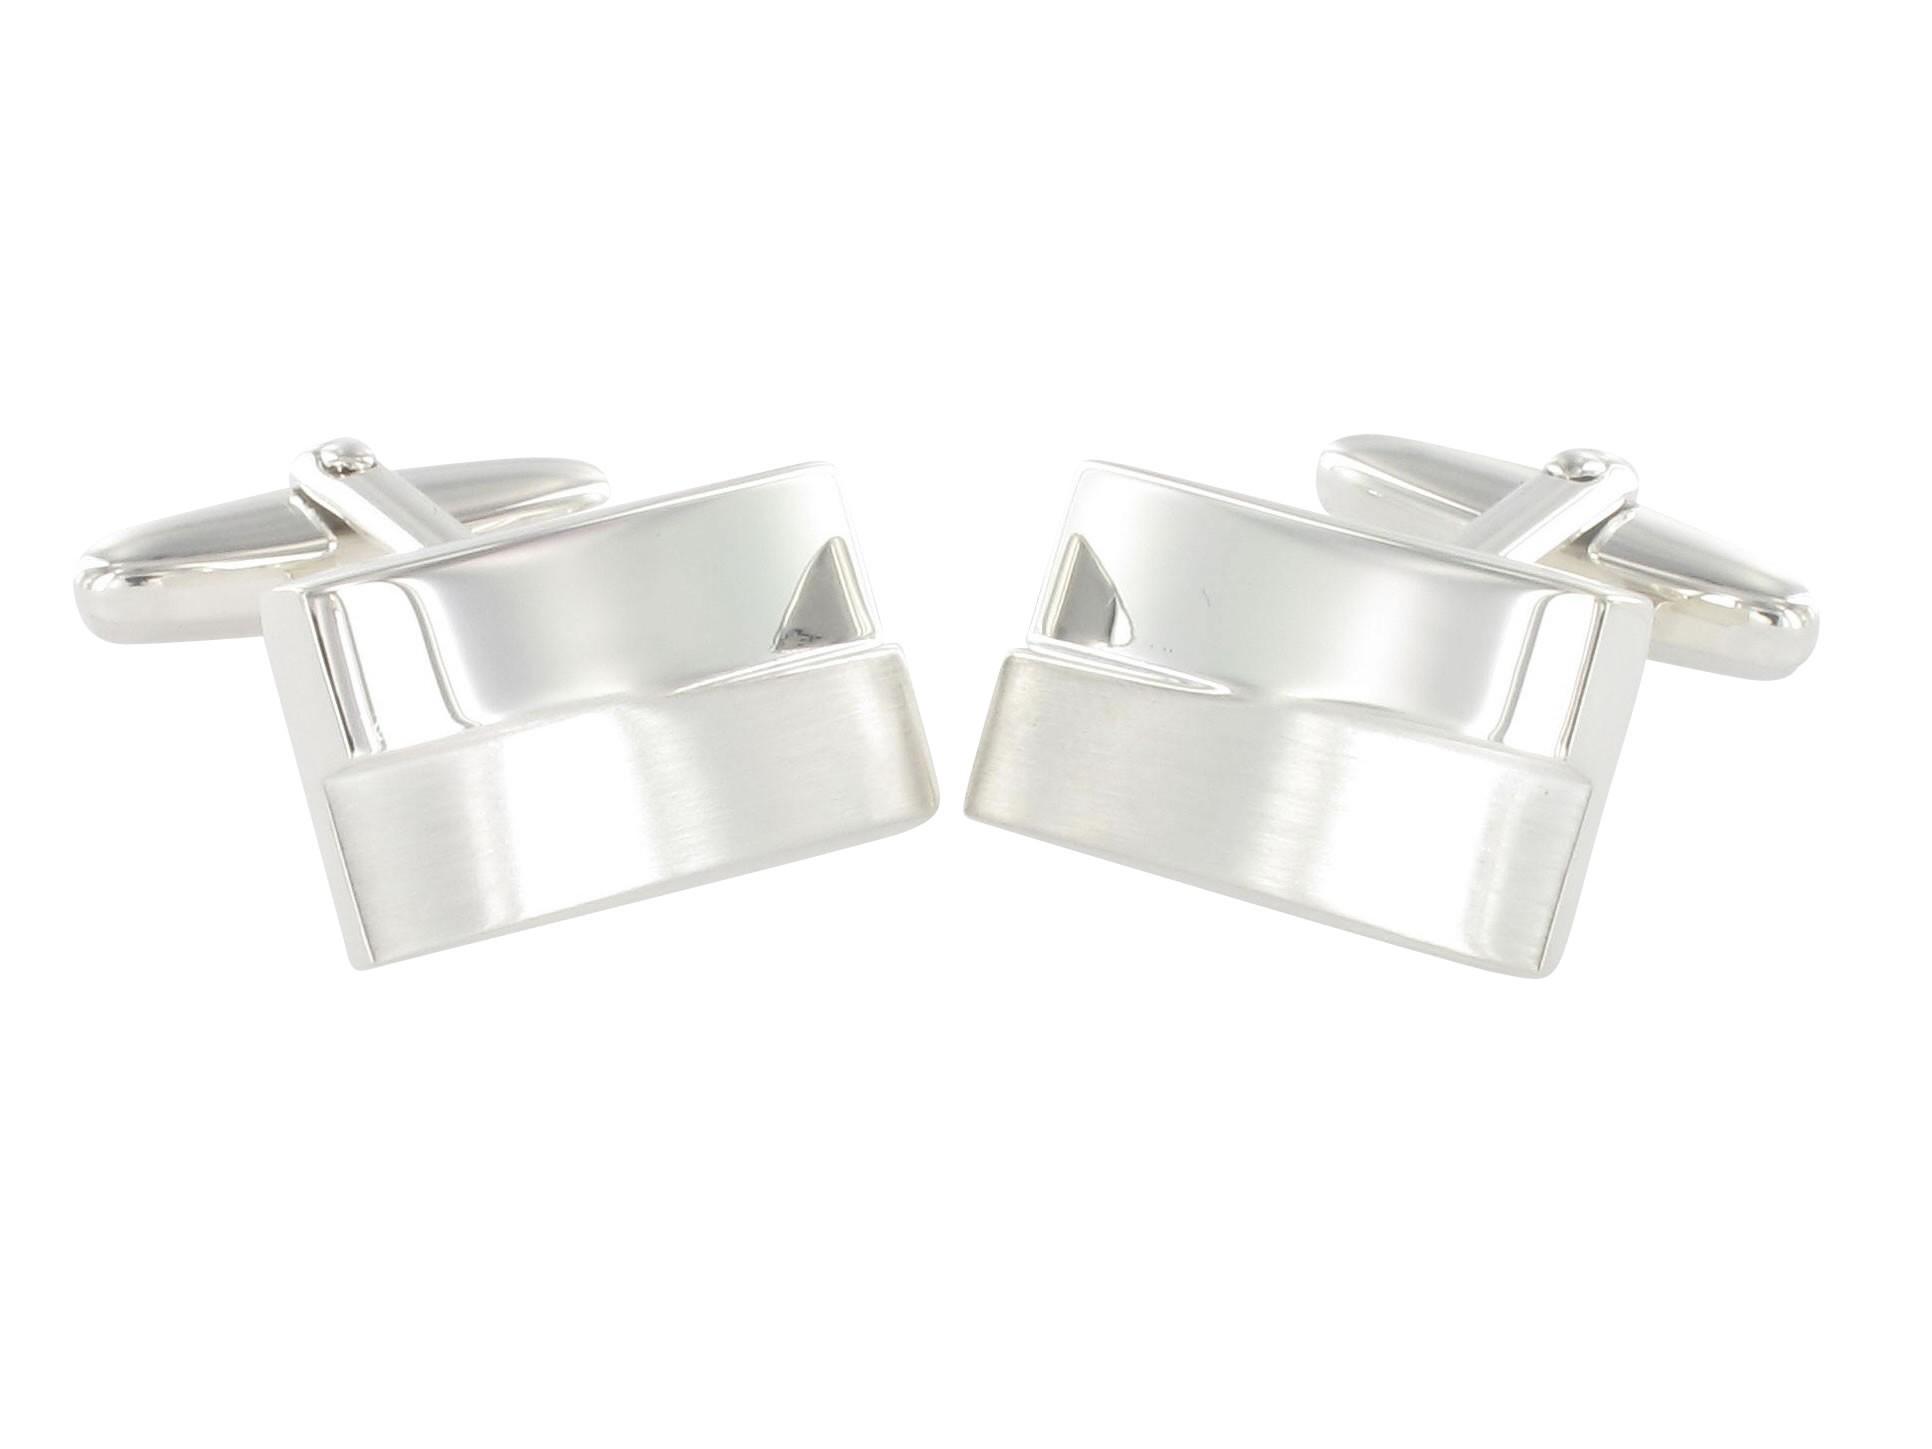 Grom gravurfähige Design Manschettenknöpfe aus Sterling Silber